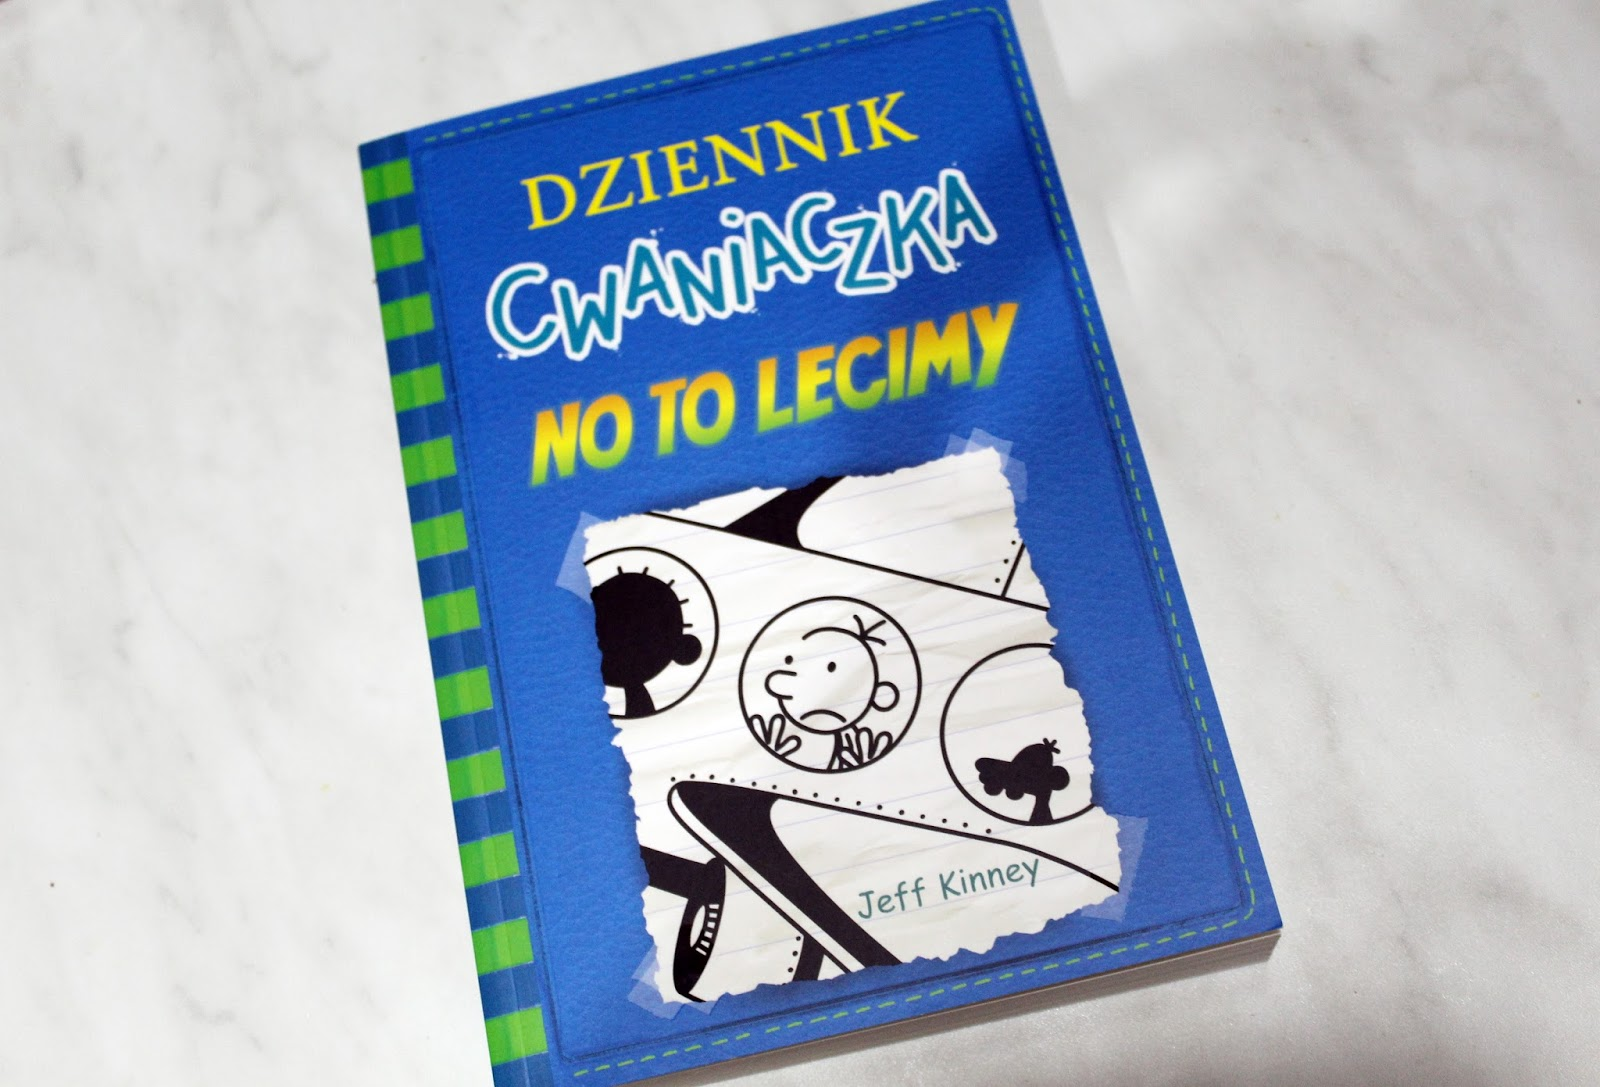 Jeff Kinney Dziennik Cwaniaczka - No to lecimy - Wydawnictwo Nasza Księgarnia